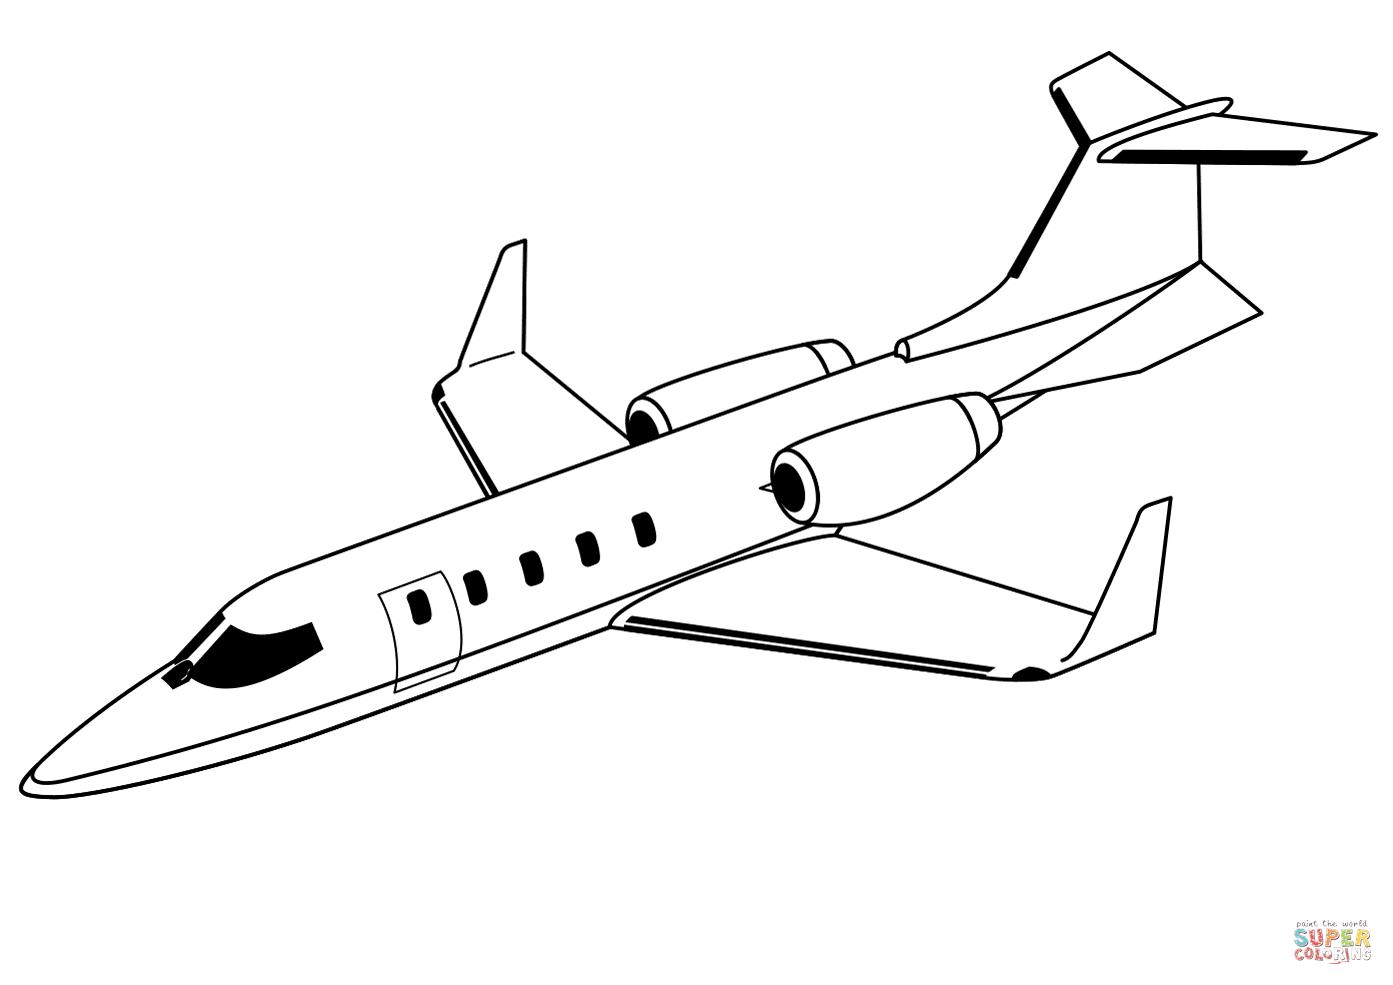 Dibujo De Avion Gulfstream Para Colorear